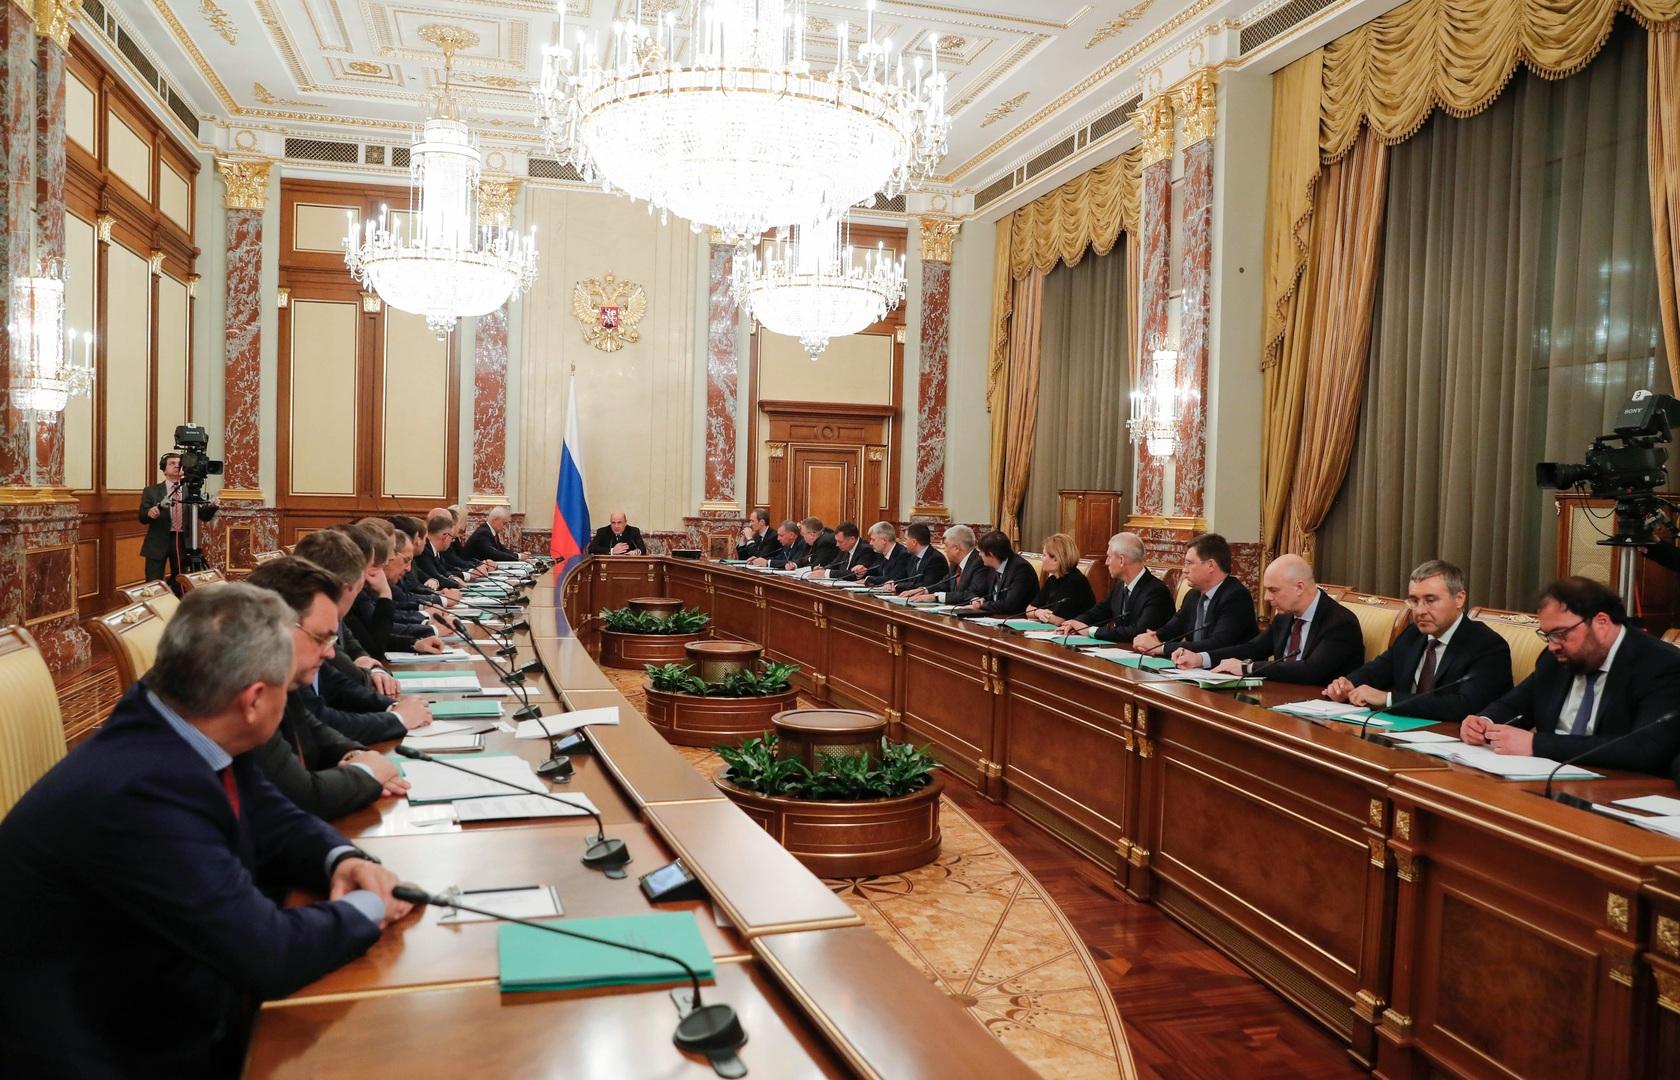 أول اجتماع للحكومة الروسية الجديدة برئاسة ميخائيل ميشوستين